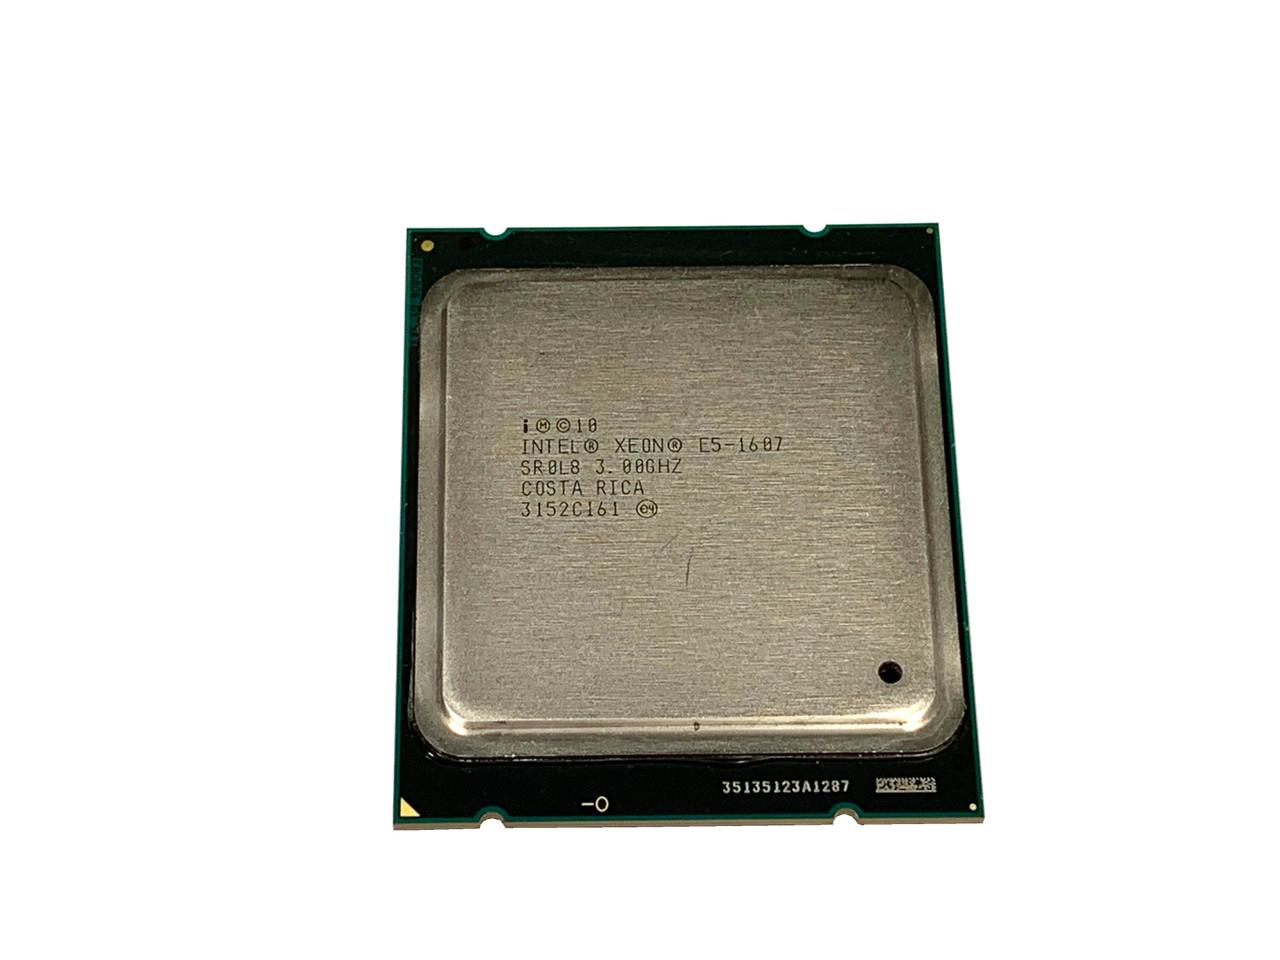 10Mb sr0l8 intel xeon e5-1607 3.0ghz 10mb processor